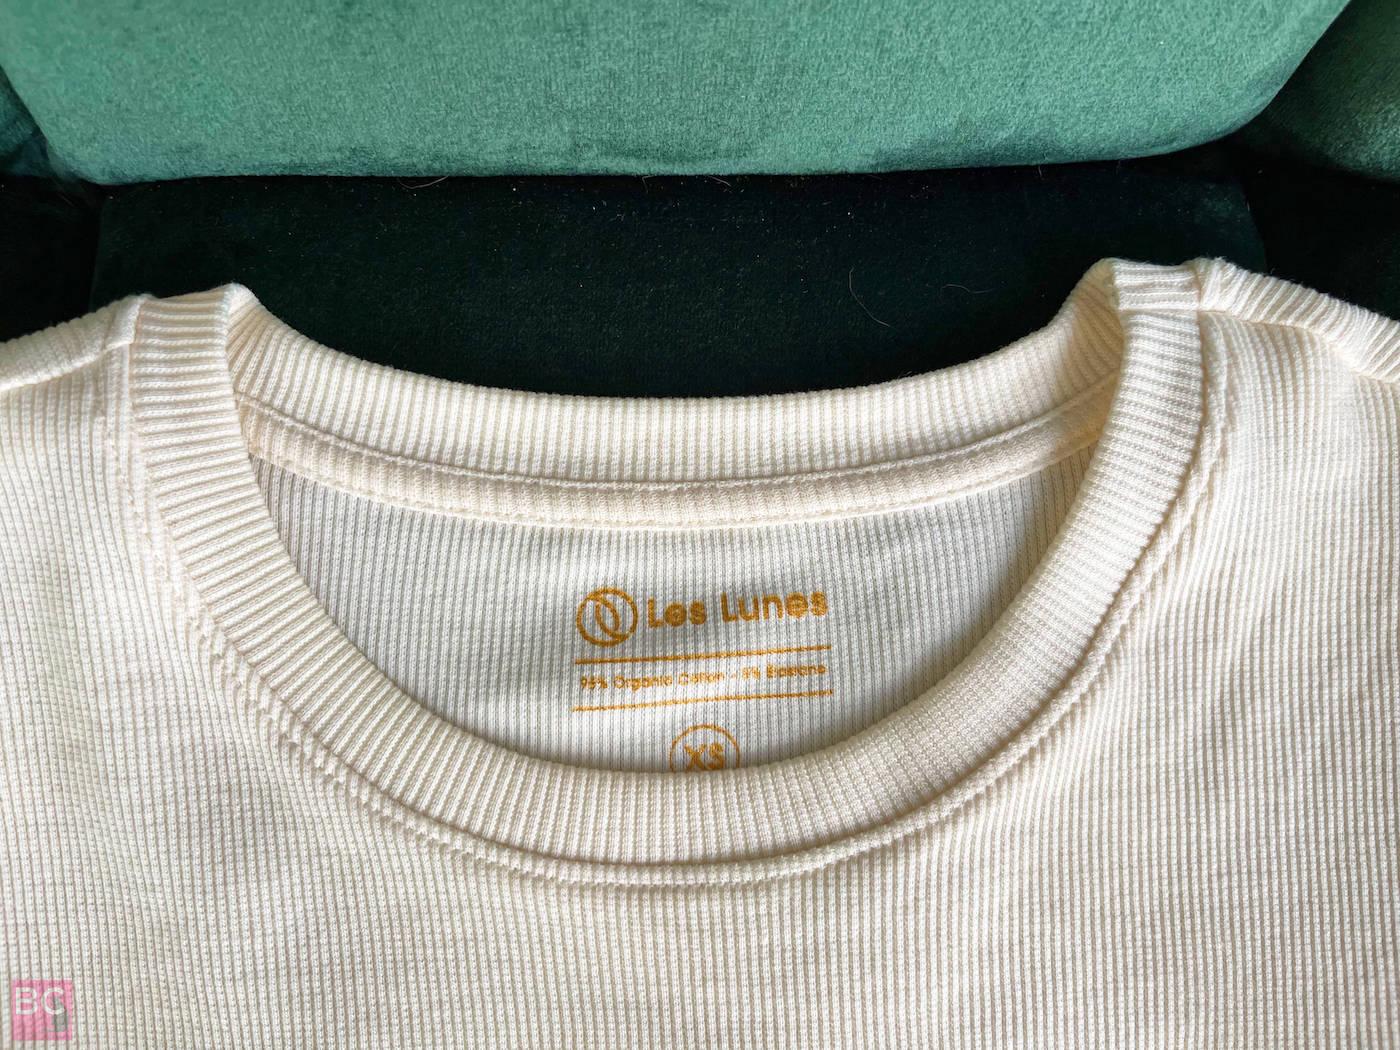 Rundhalsausschnitt The April Top Shirt Les Lunes Erfahrungen Farbe Oatmilk Größe XS